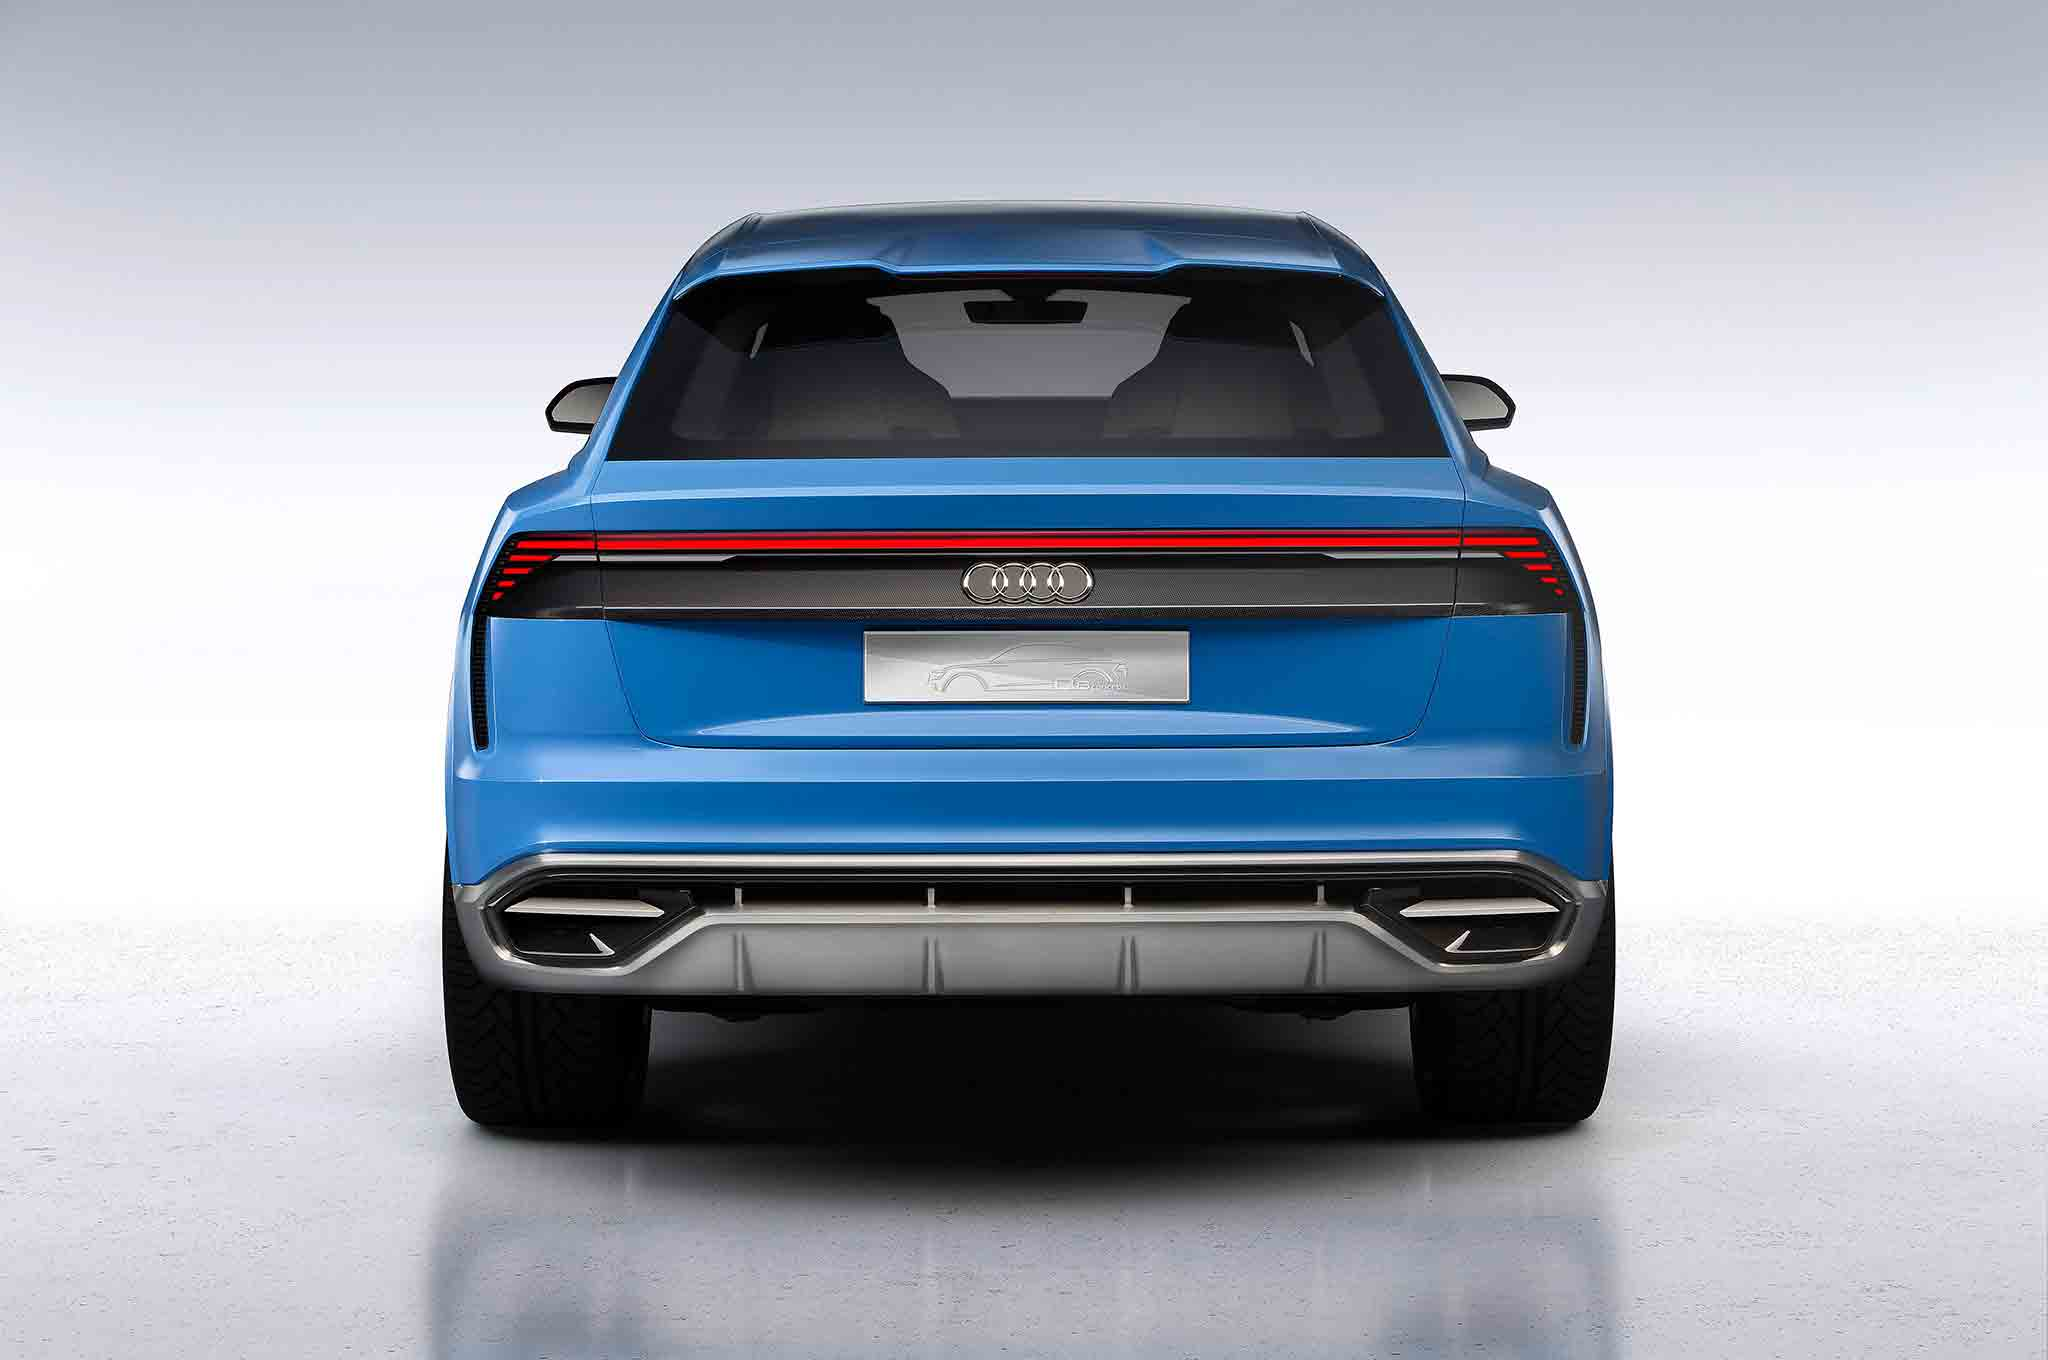 Audi-Q8-concept-rear-view-01-57